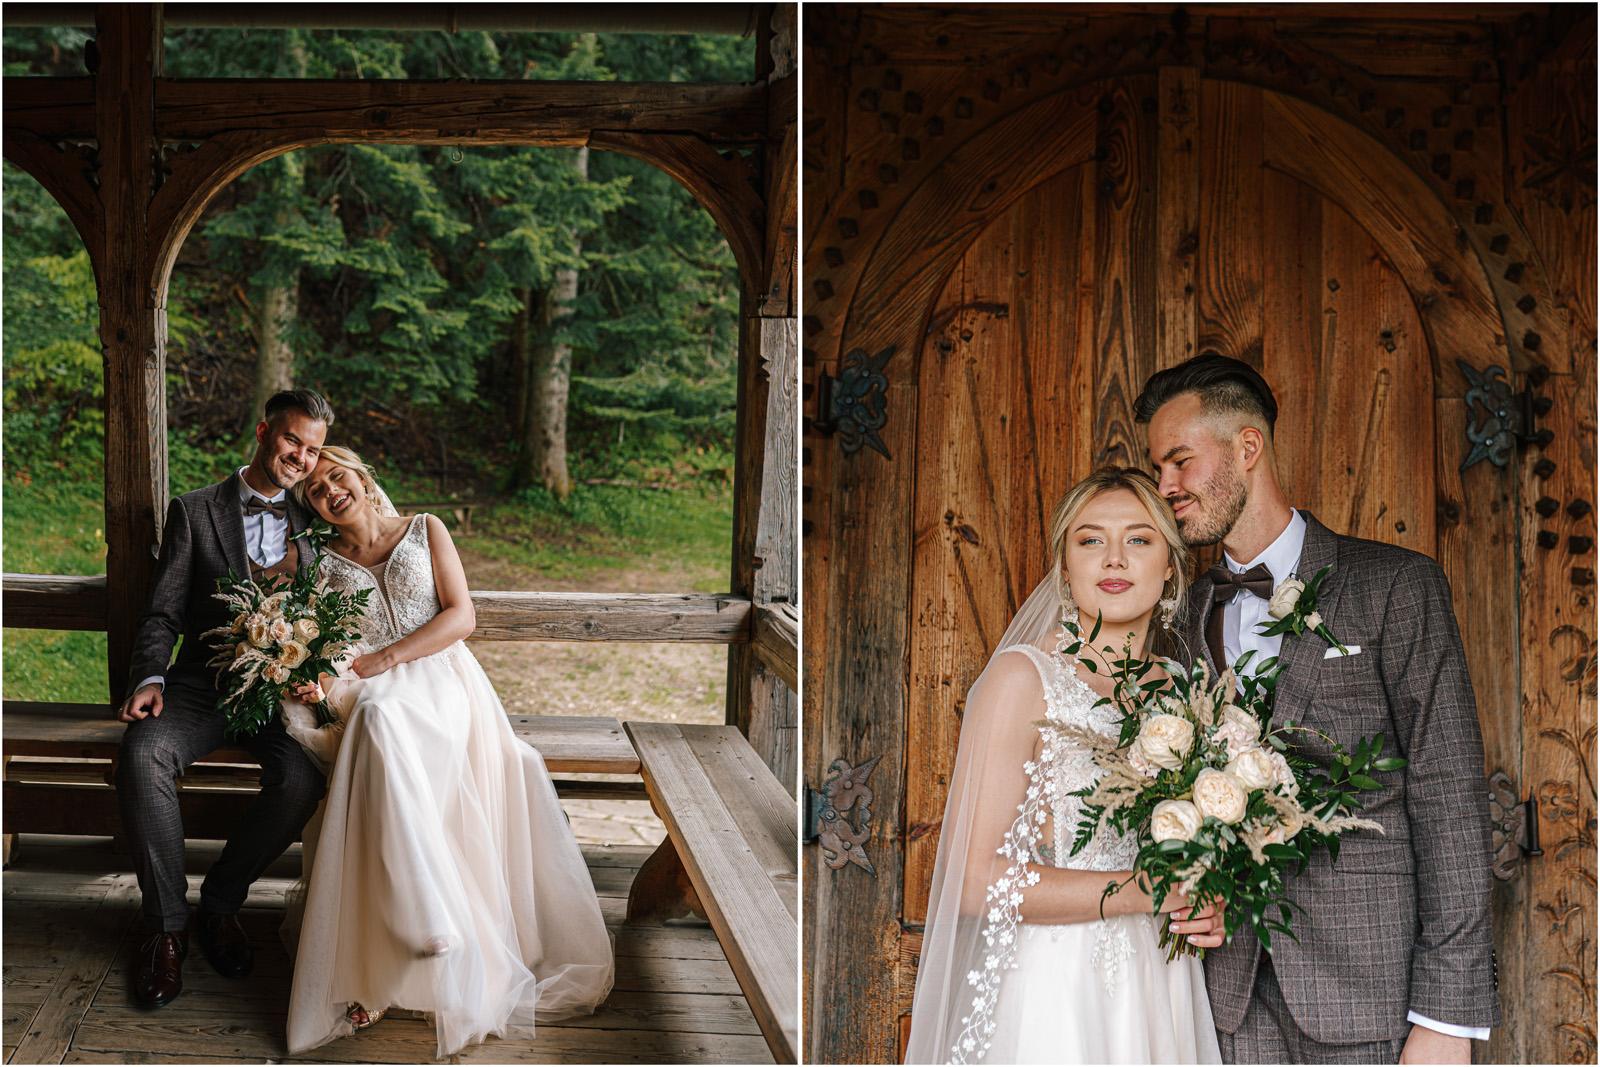 Amanda & Błażej | ślub i sesja w górach 43